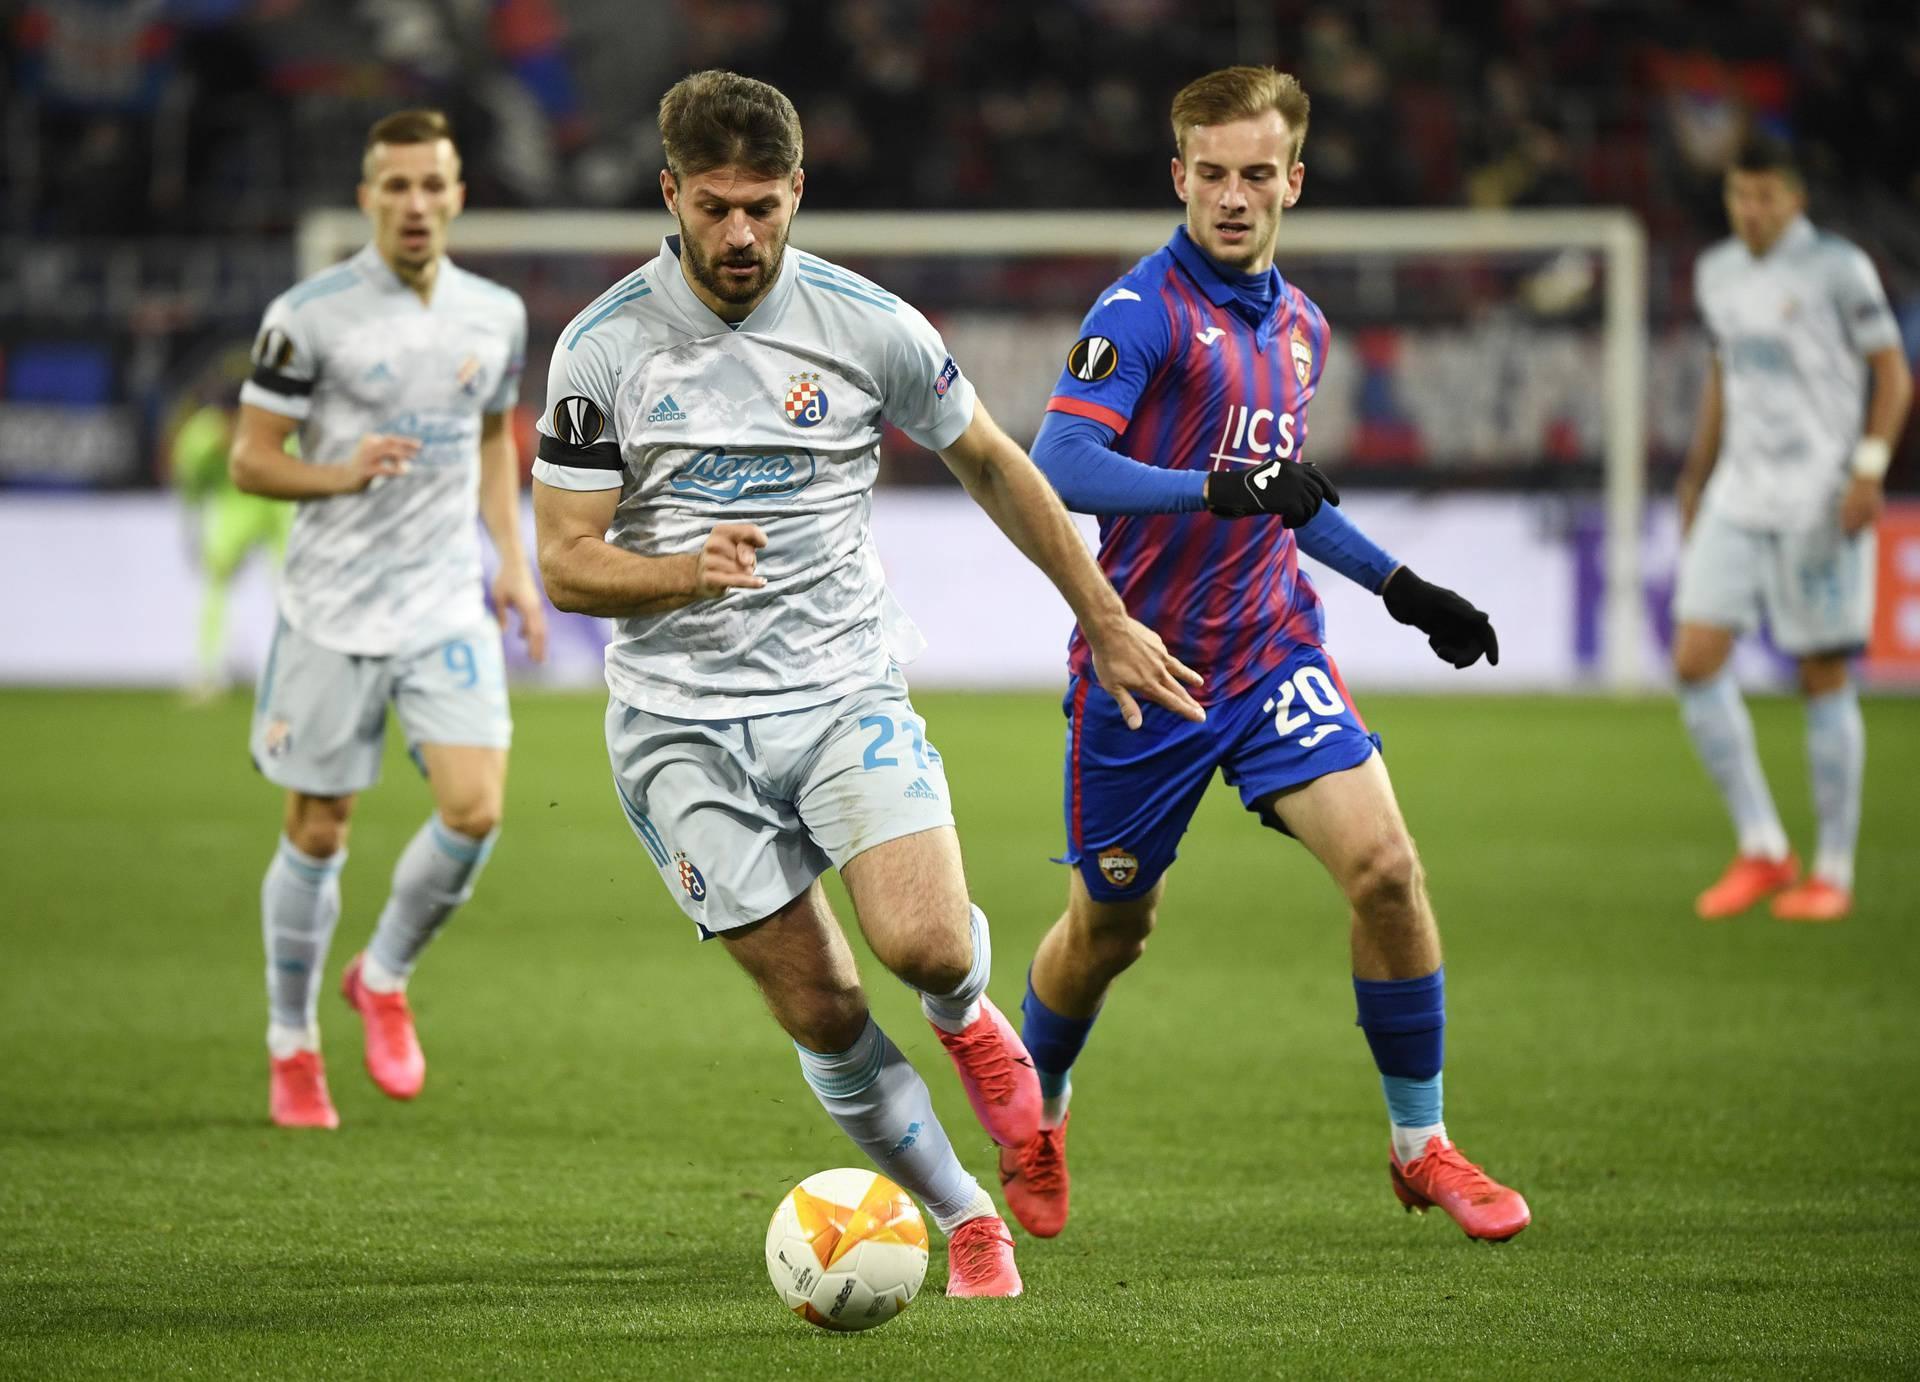 Europa League - Group K - CSKA Moscow v Dinamo Zagreb